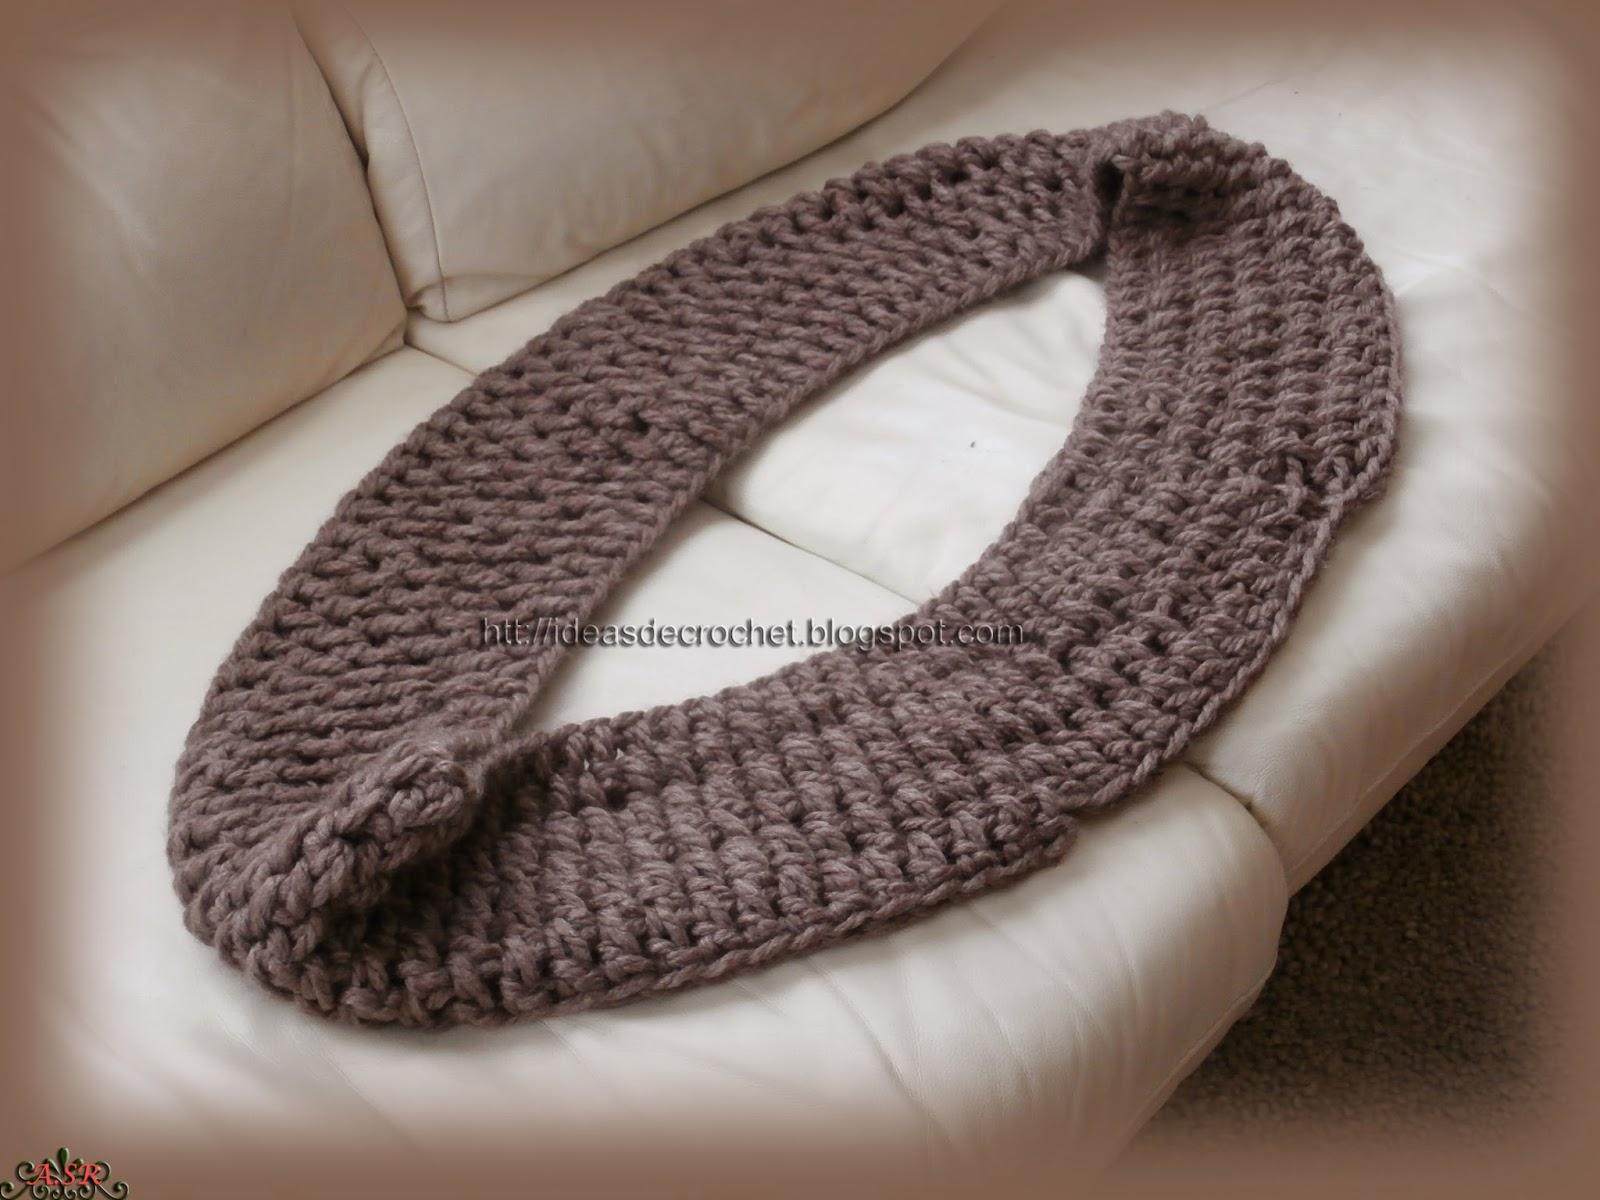 La he realizado con una lana sport muy gruesa y tan sólo la he hecho a punto alto, no hace falta hacerla con un punto más sofisticado porque ya la textura